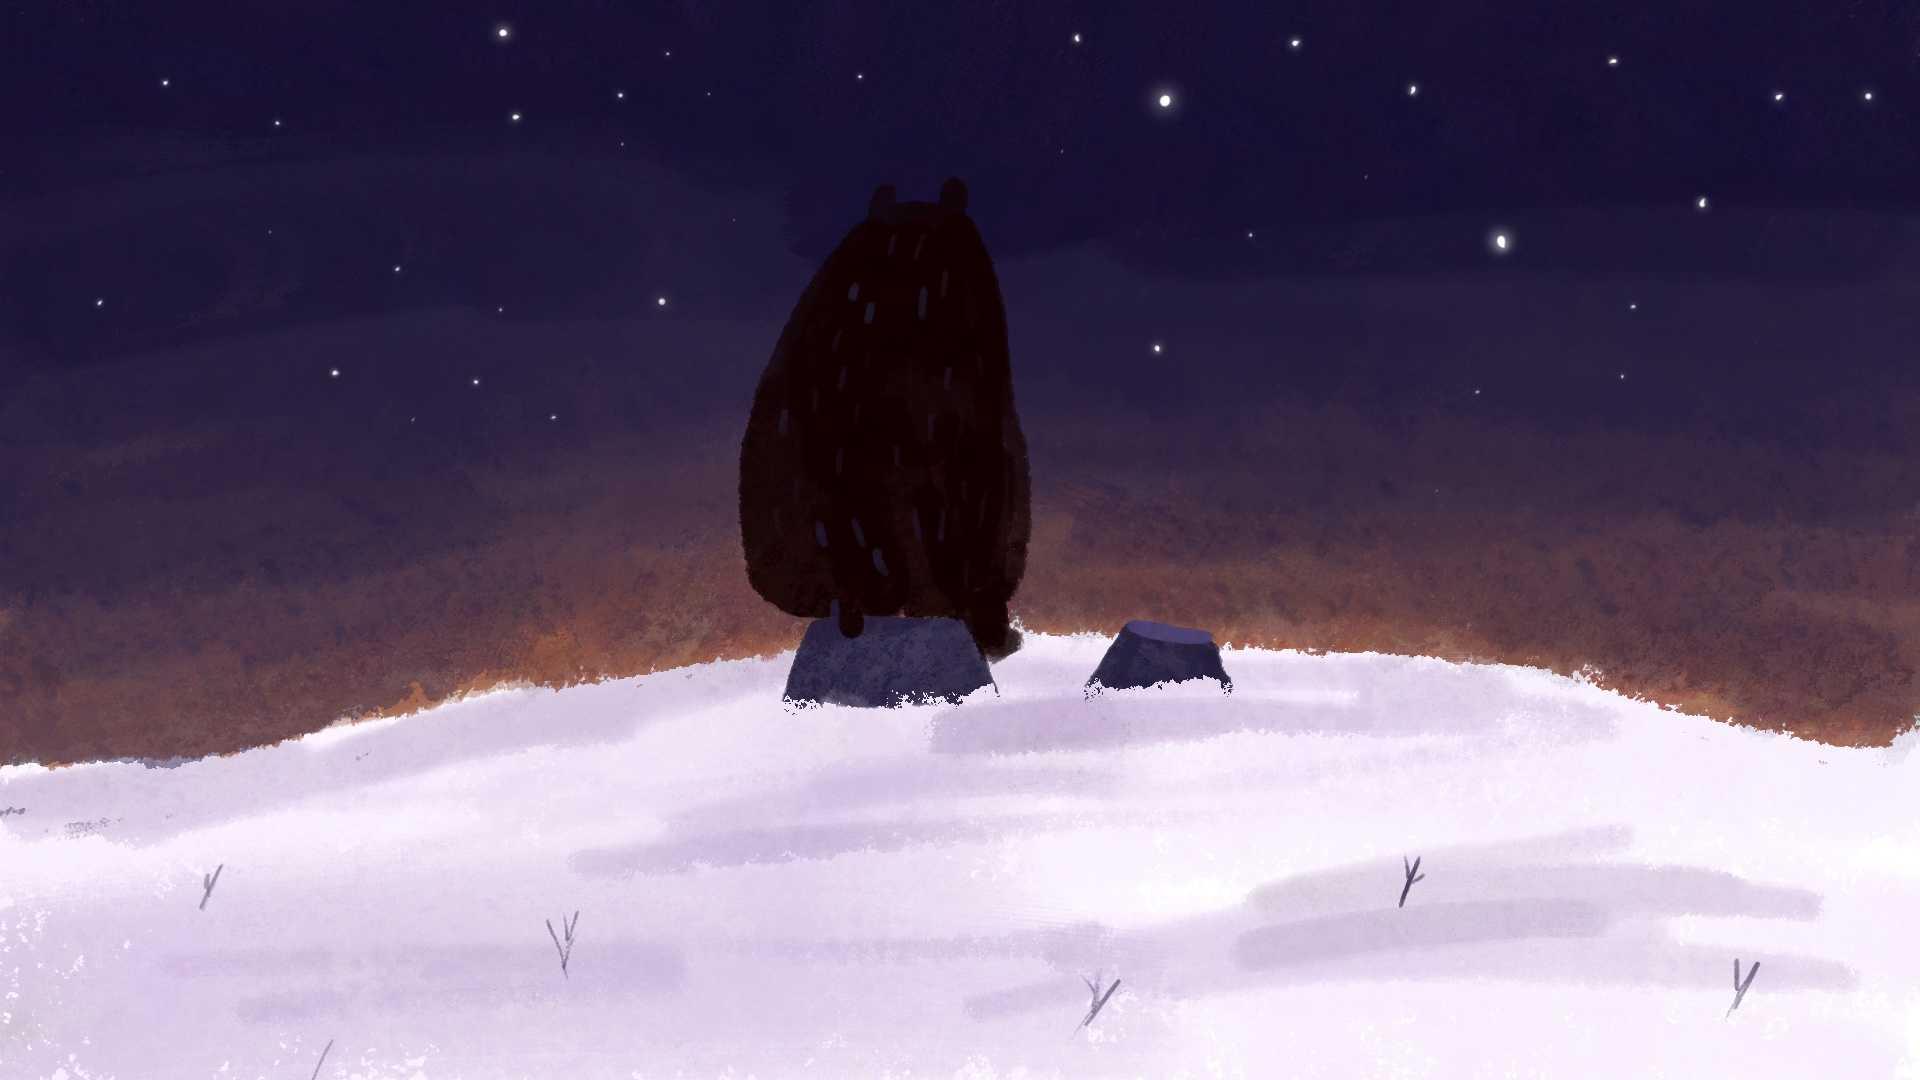 Ilustracja zimowa z niedźwiedziem